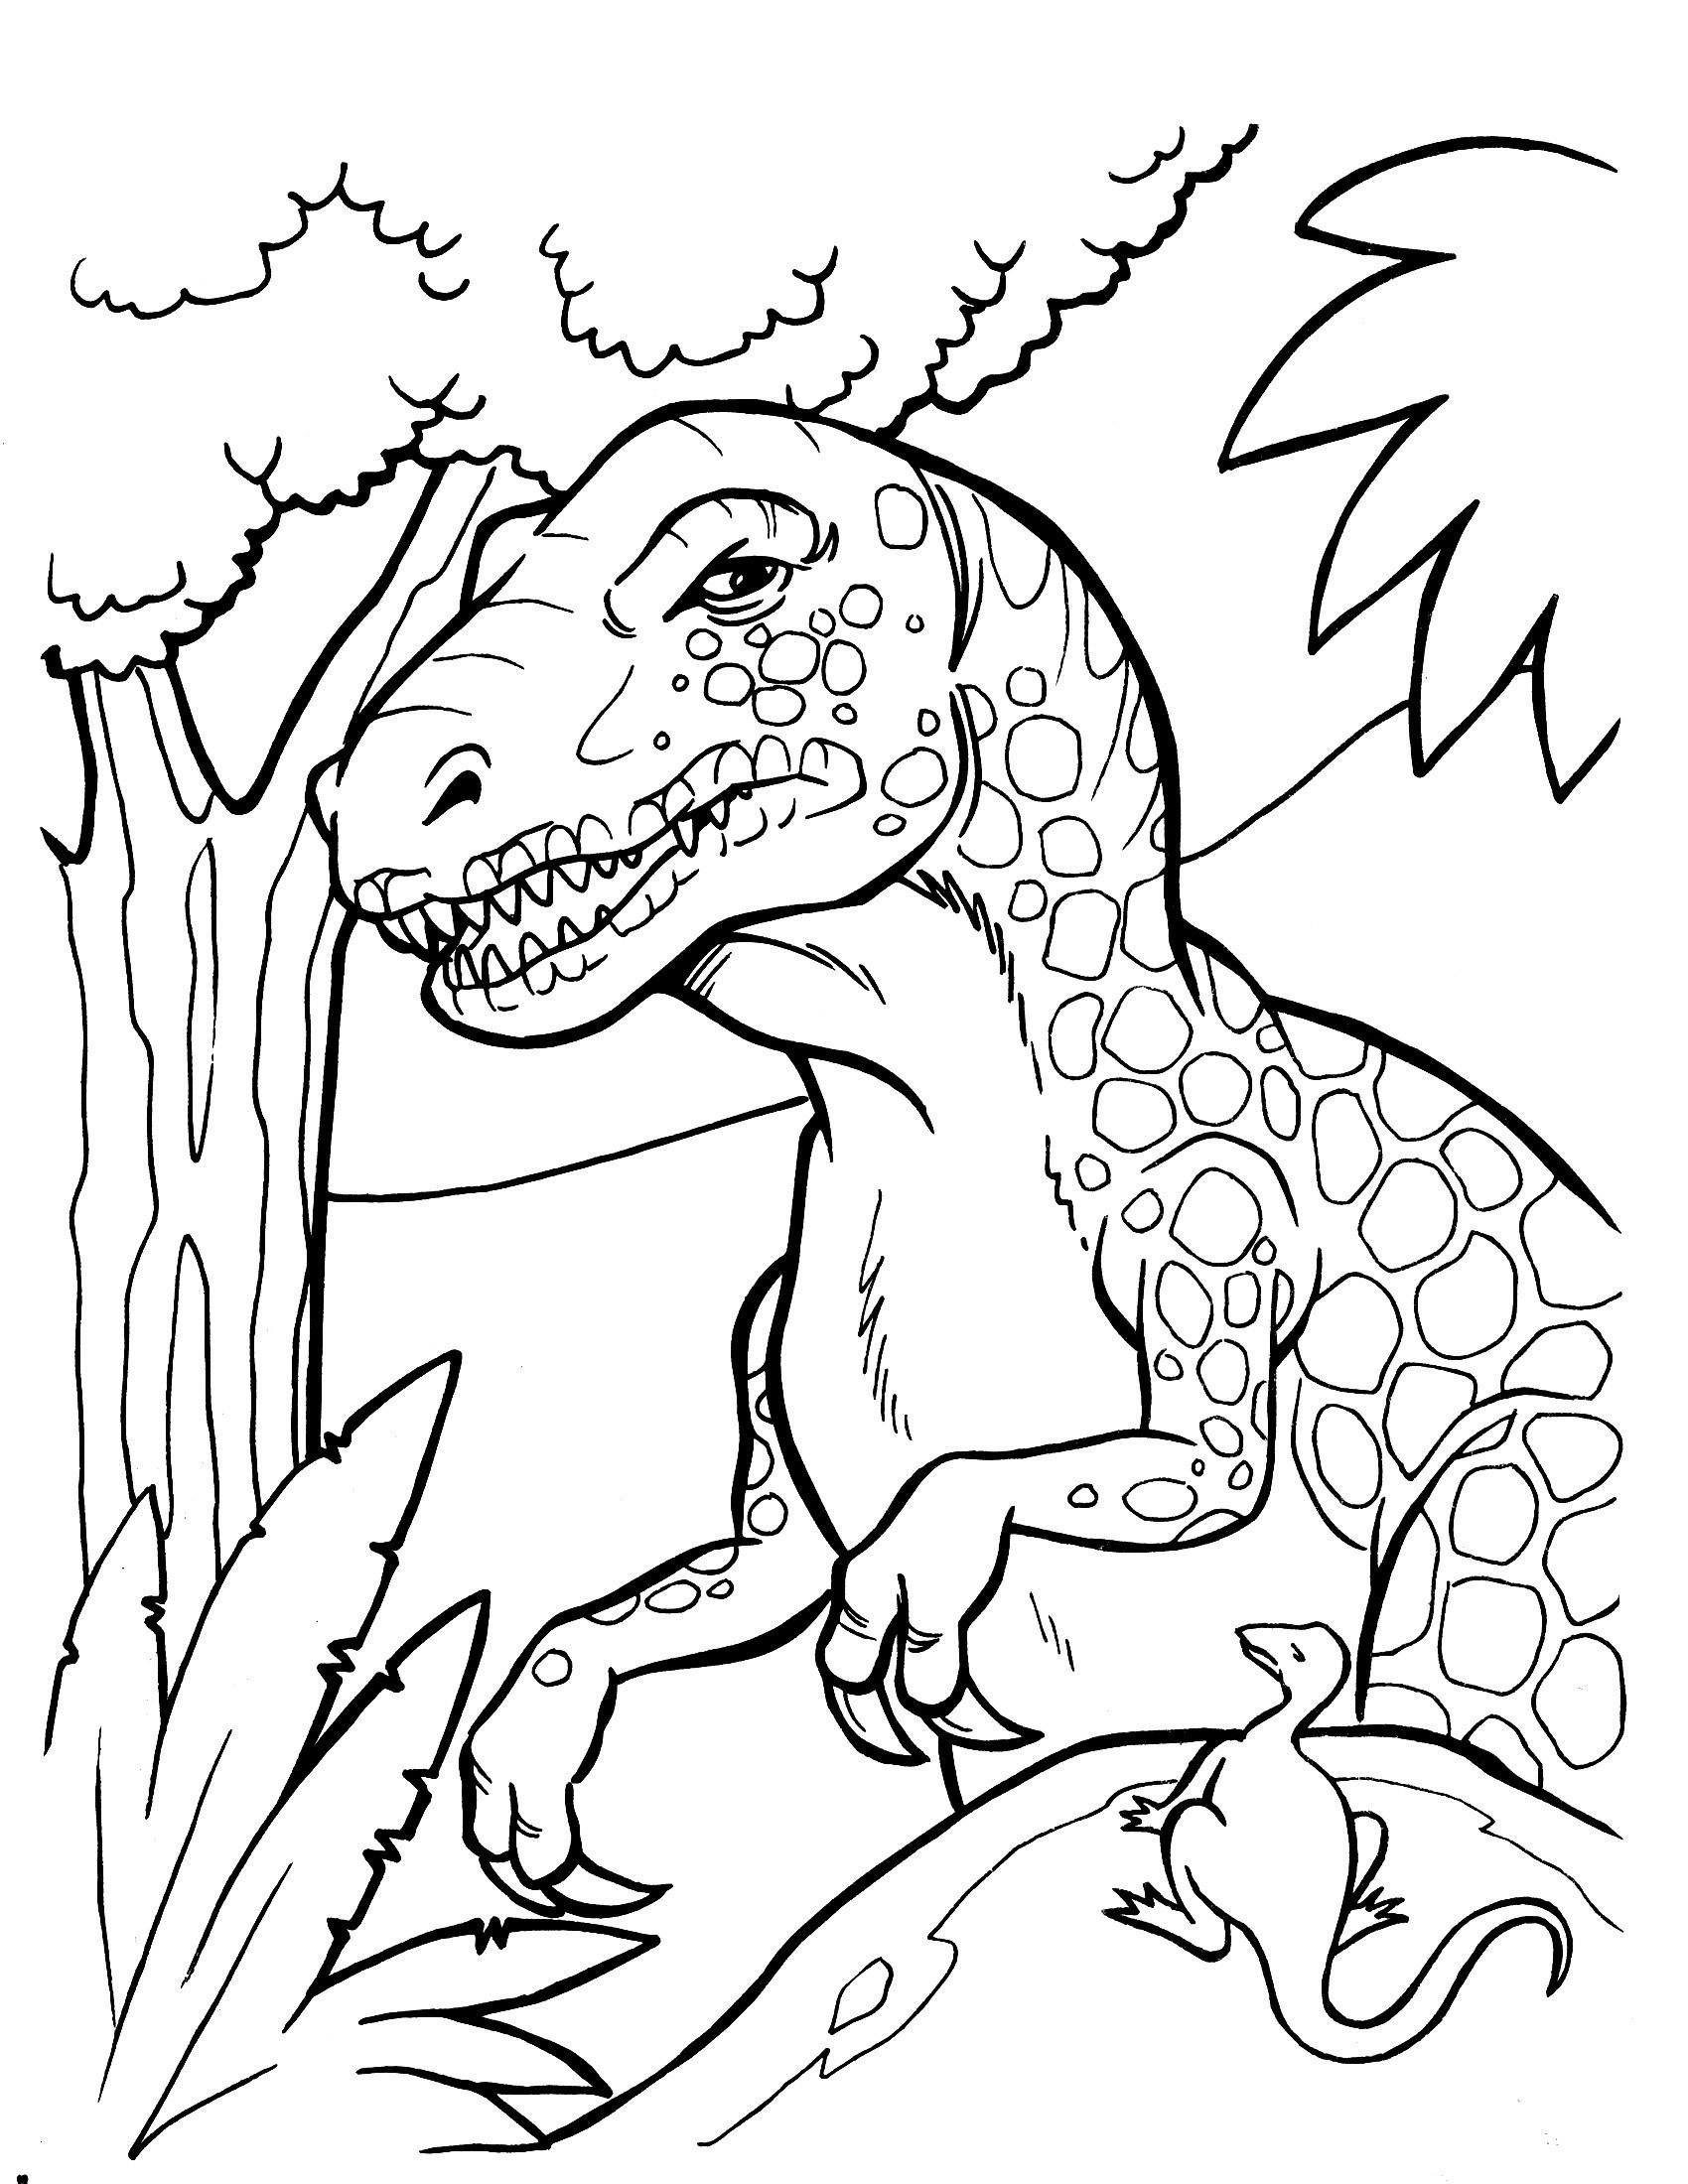 T Rex Ausmalbild Das Beste Von 35 T Rex Ausmalbilder Scoredatscore Einzigartig Dinosaurier Rex Das Bild